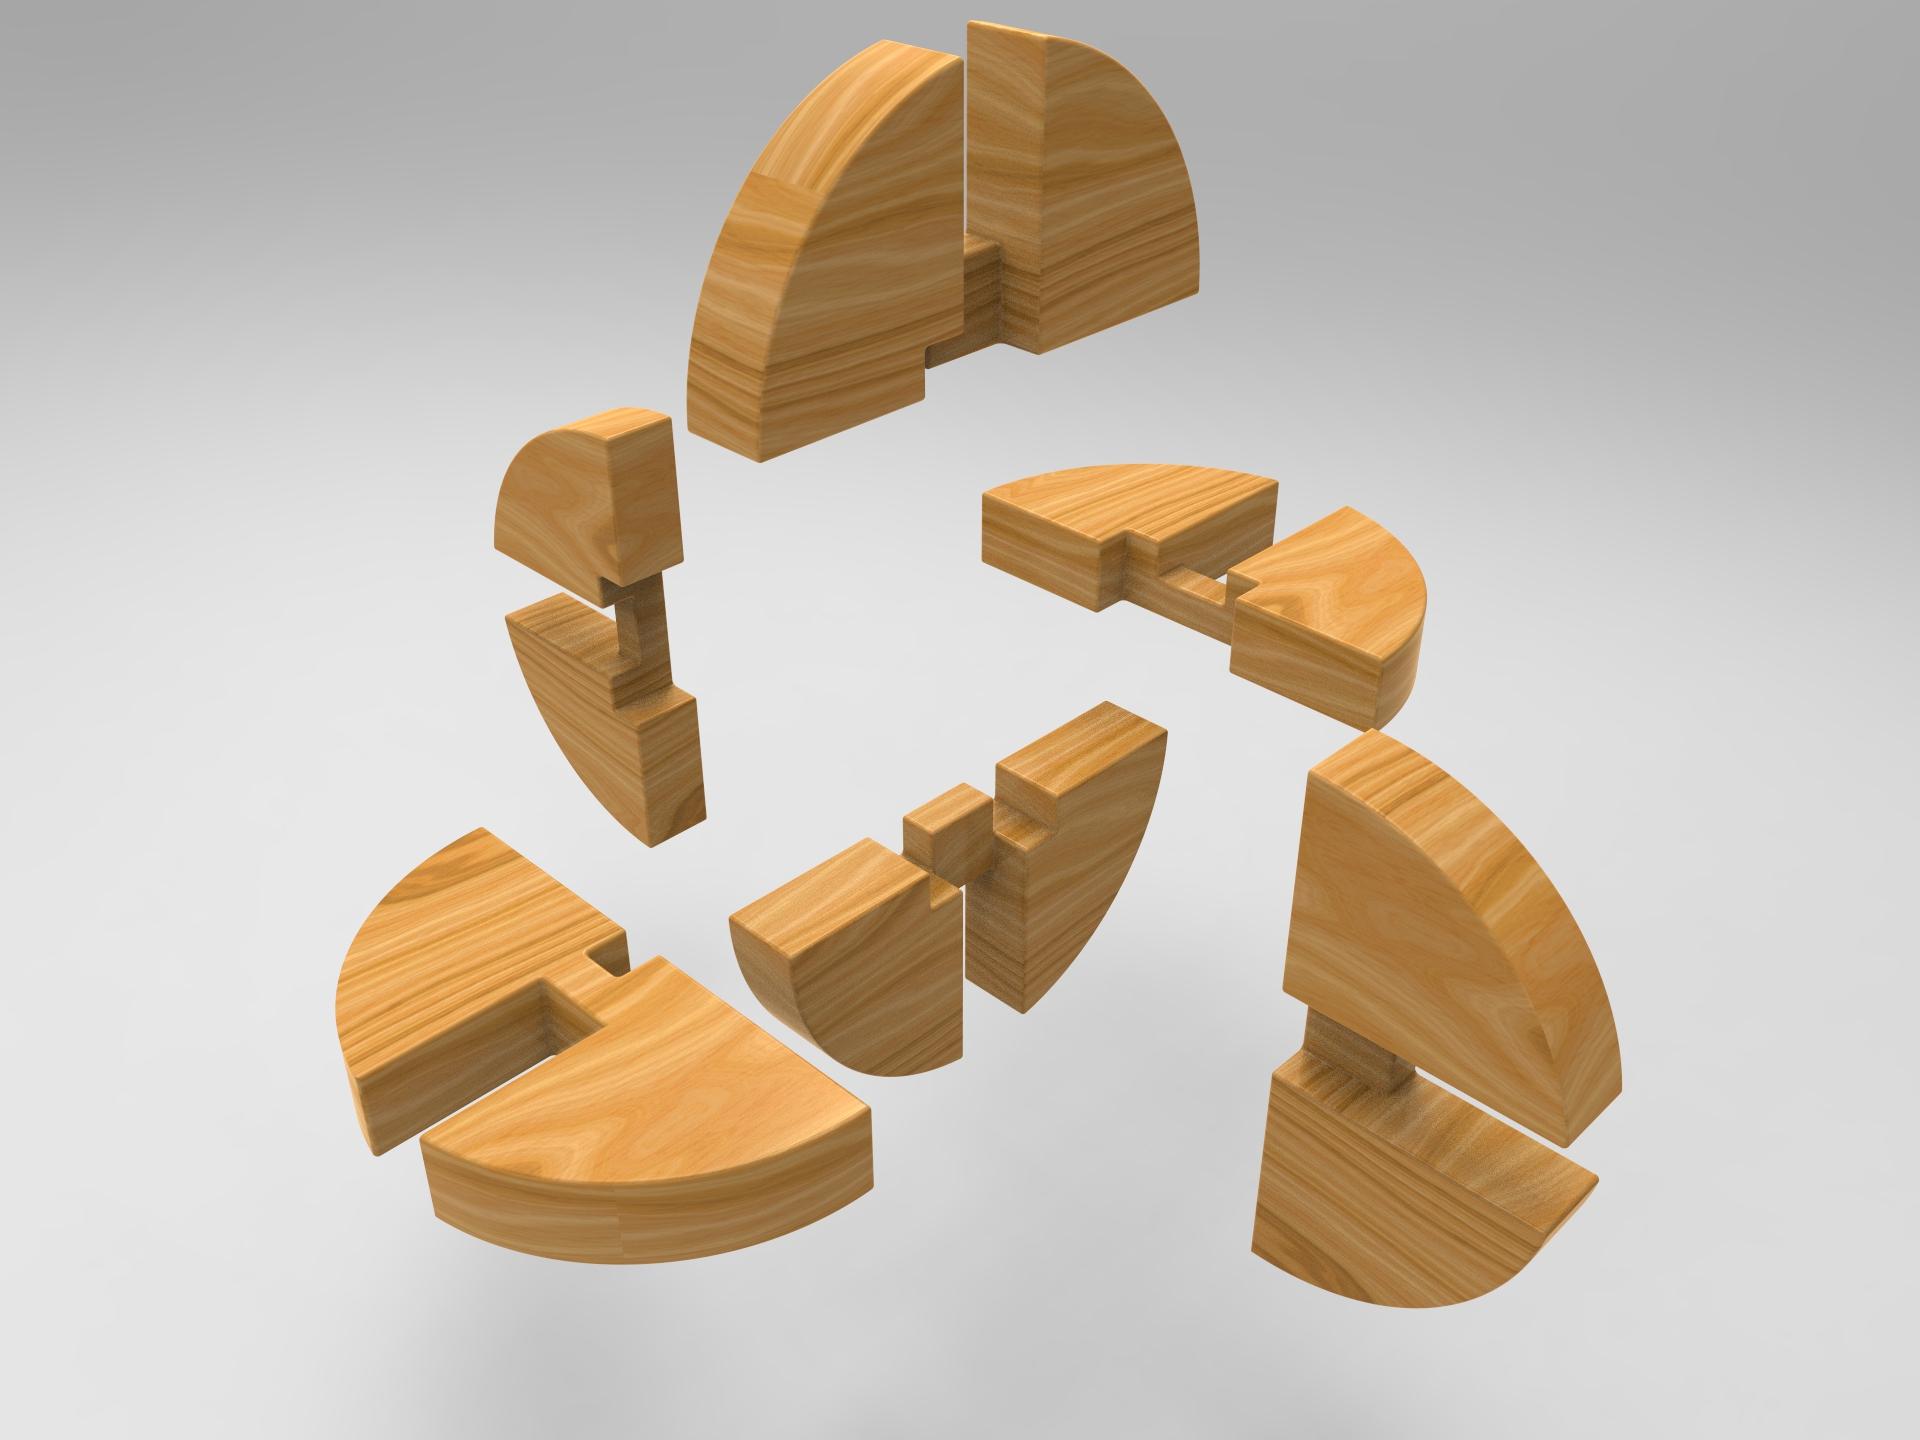 鲁班锁鲁班球模型3D图纸 Solidworks设计